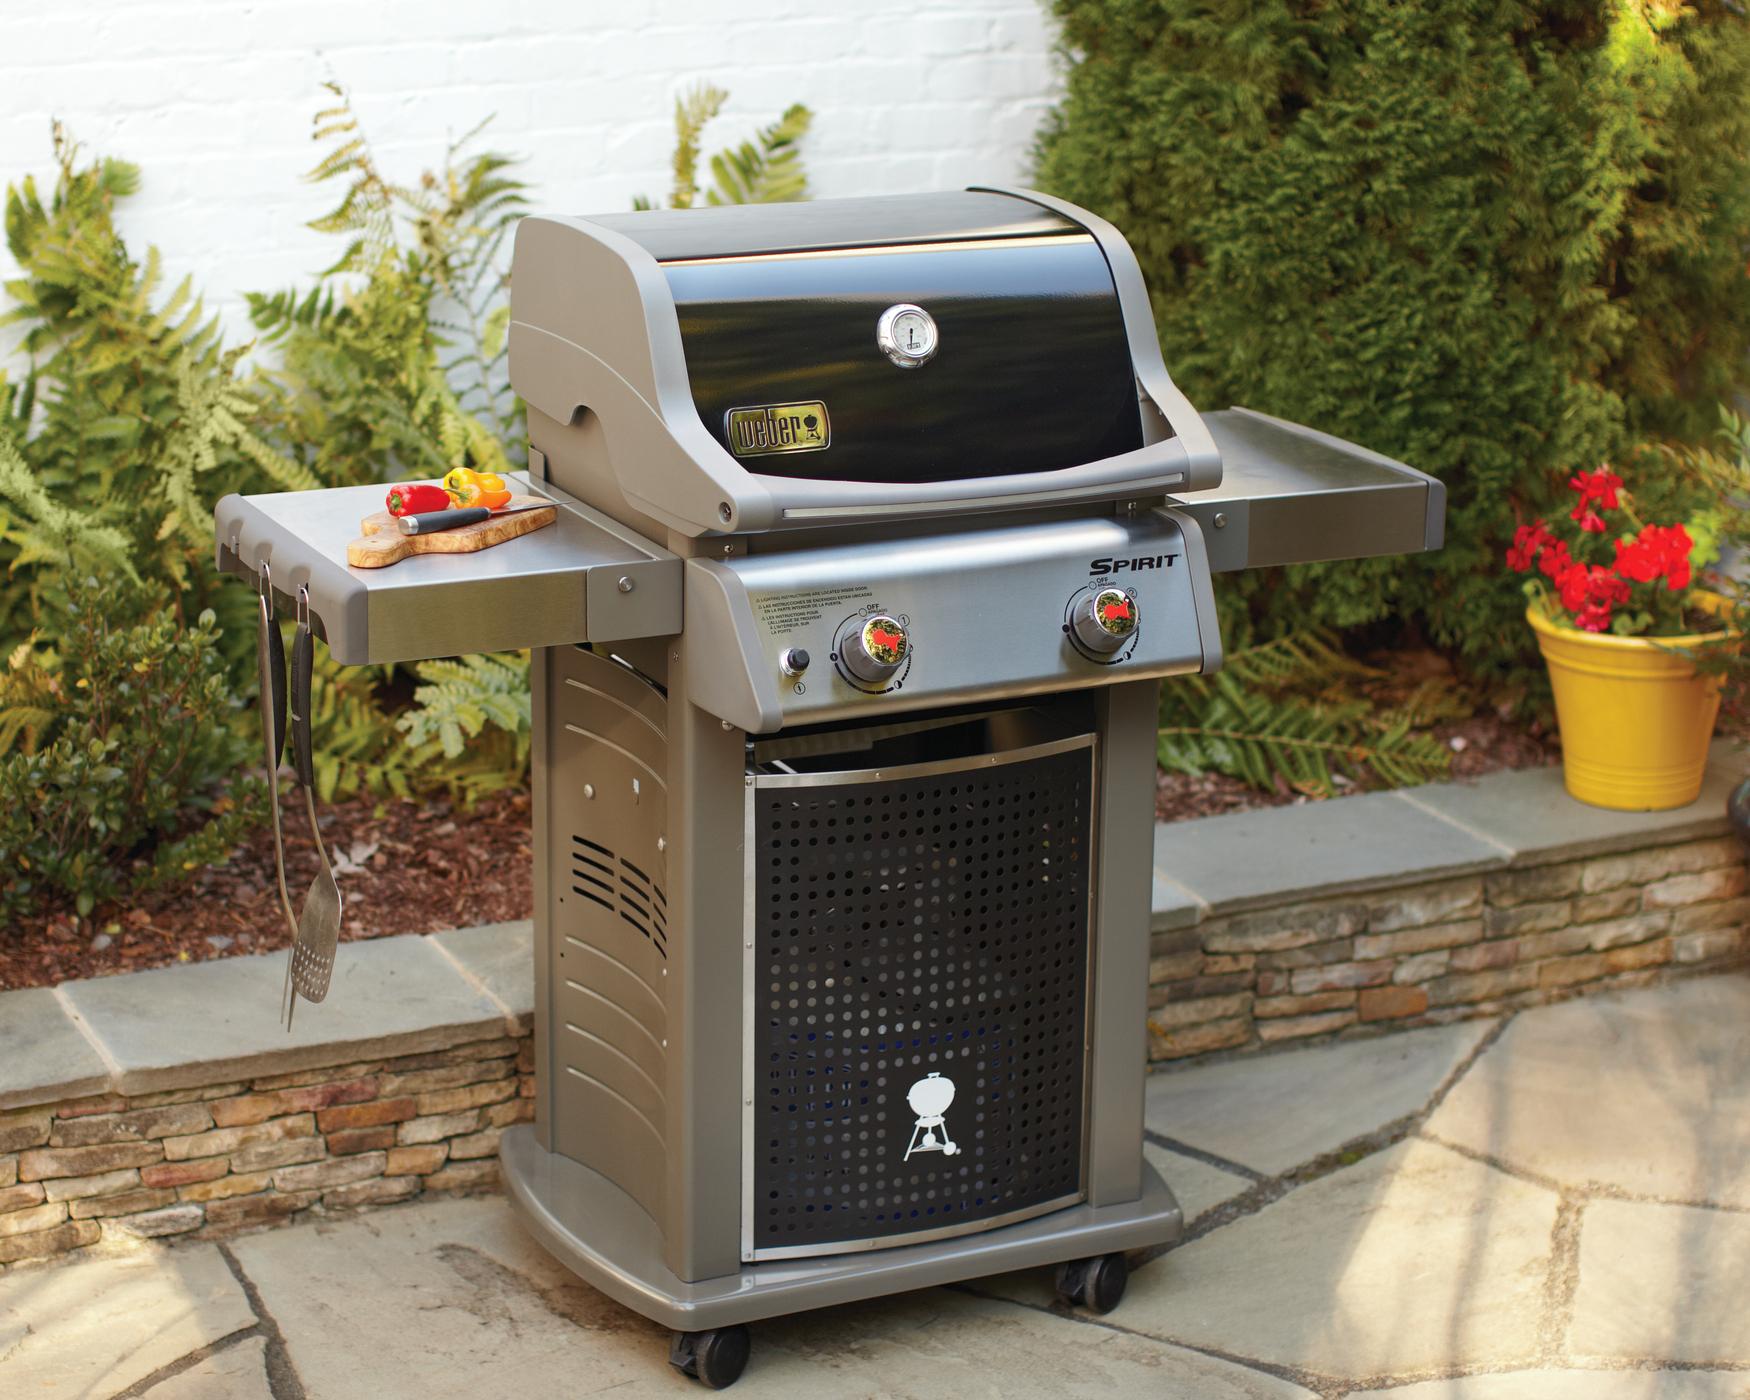 Outdoorküche Mit Weber Kugelgrill : Tisch für weber grill weber gasgrill outdoor küche outdoorküche